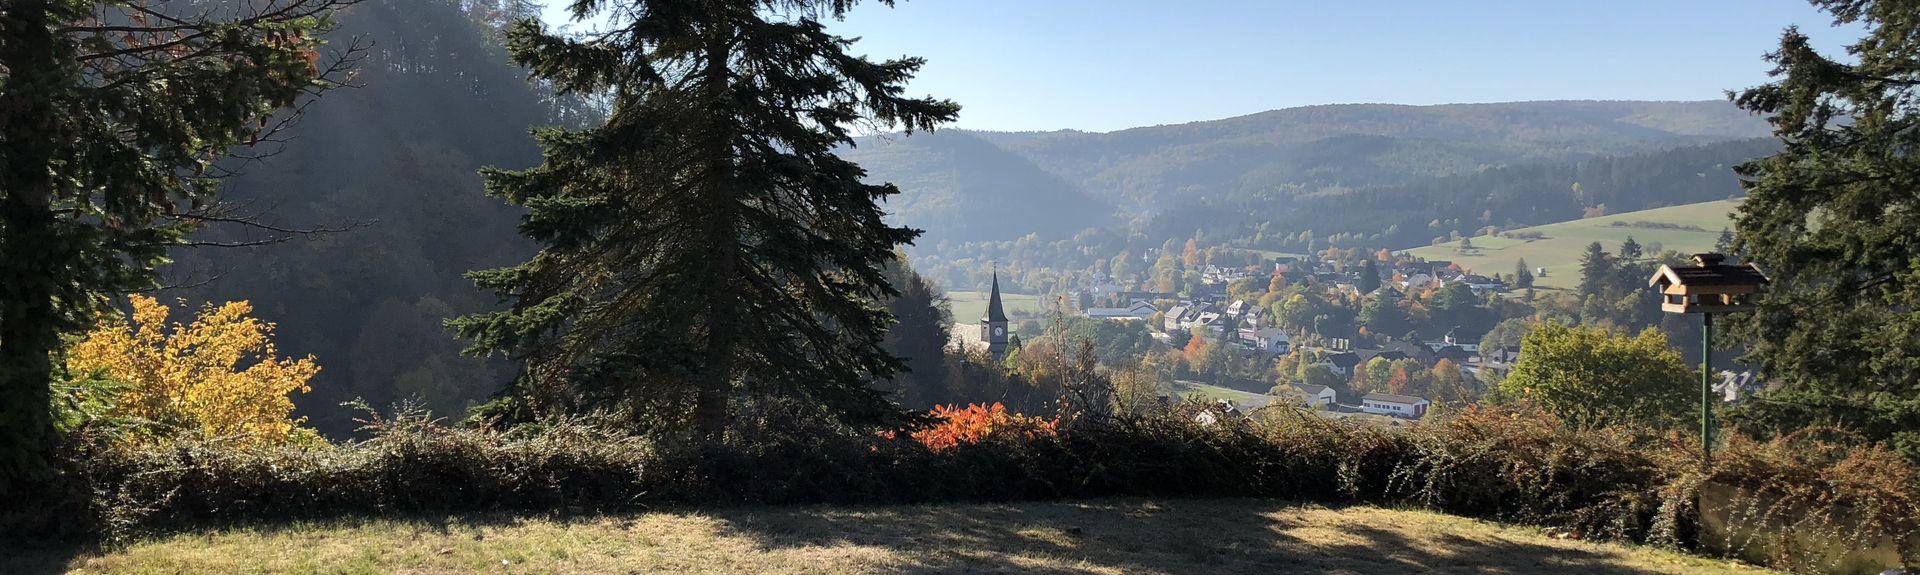 Hatzfeld, Hessen, Saksa